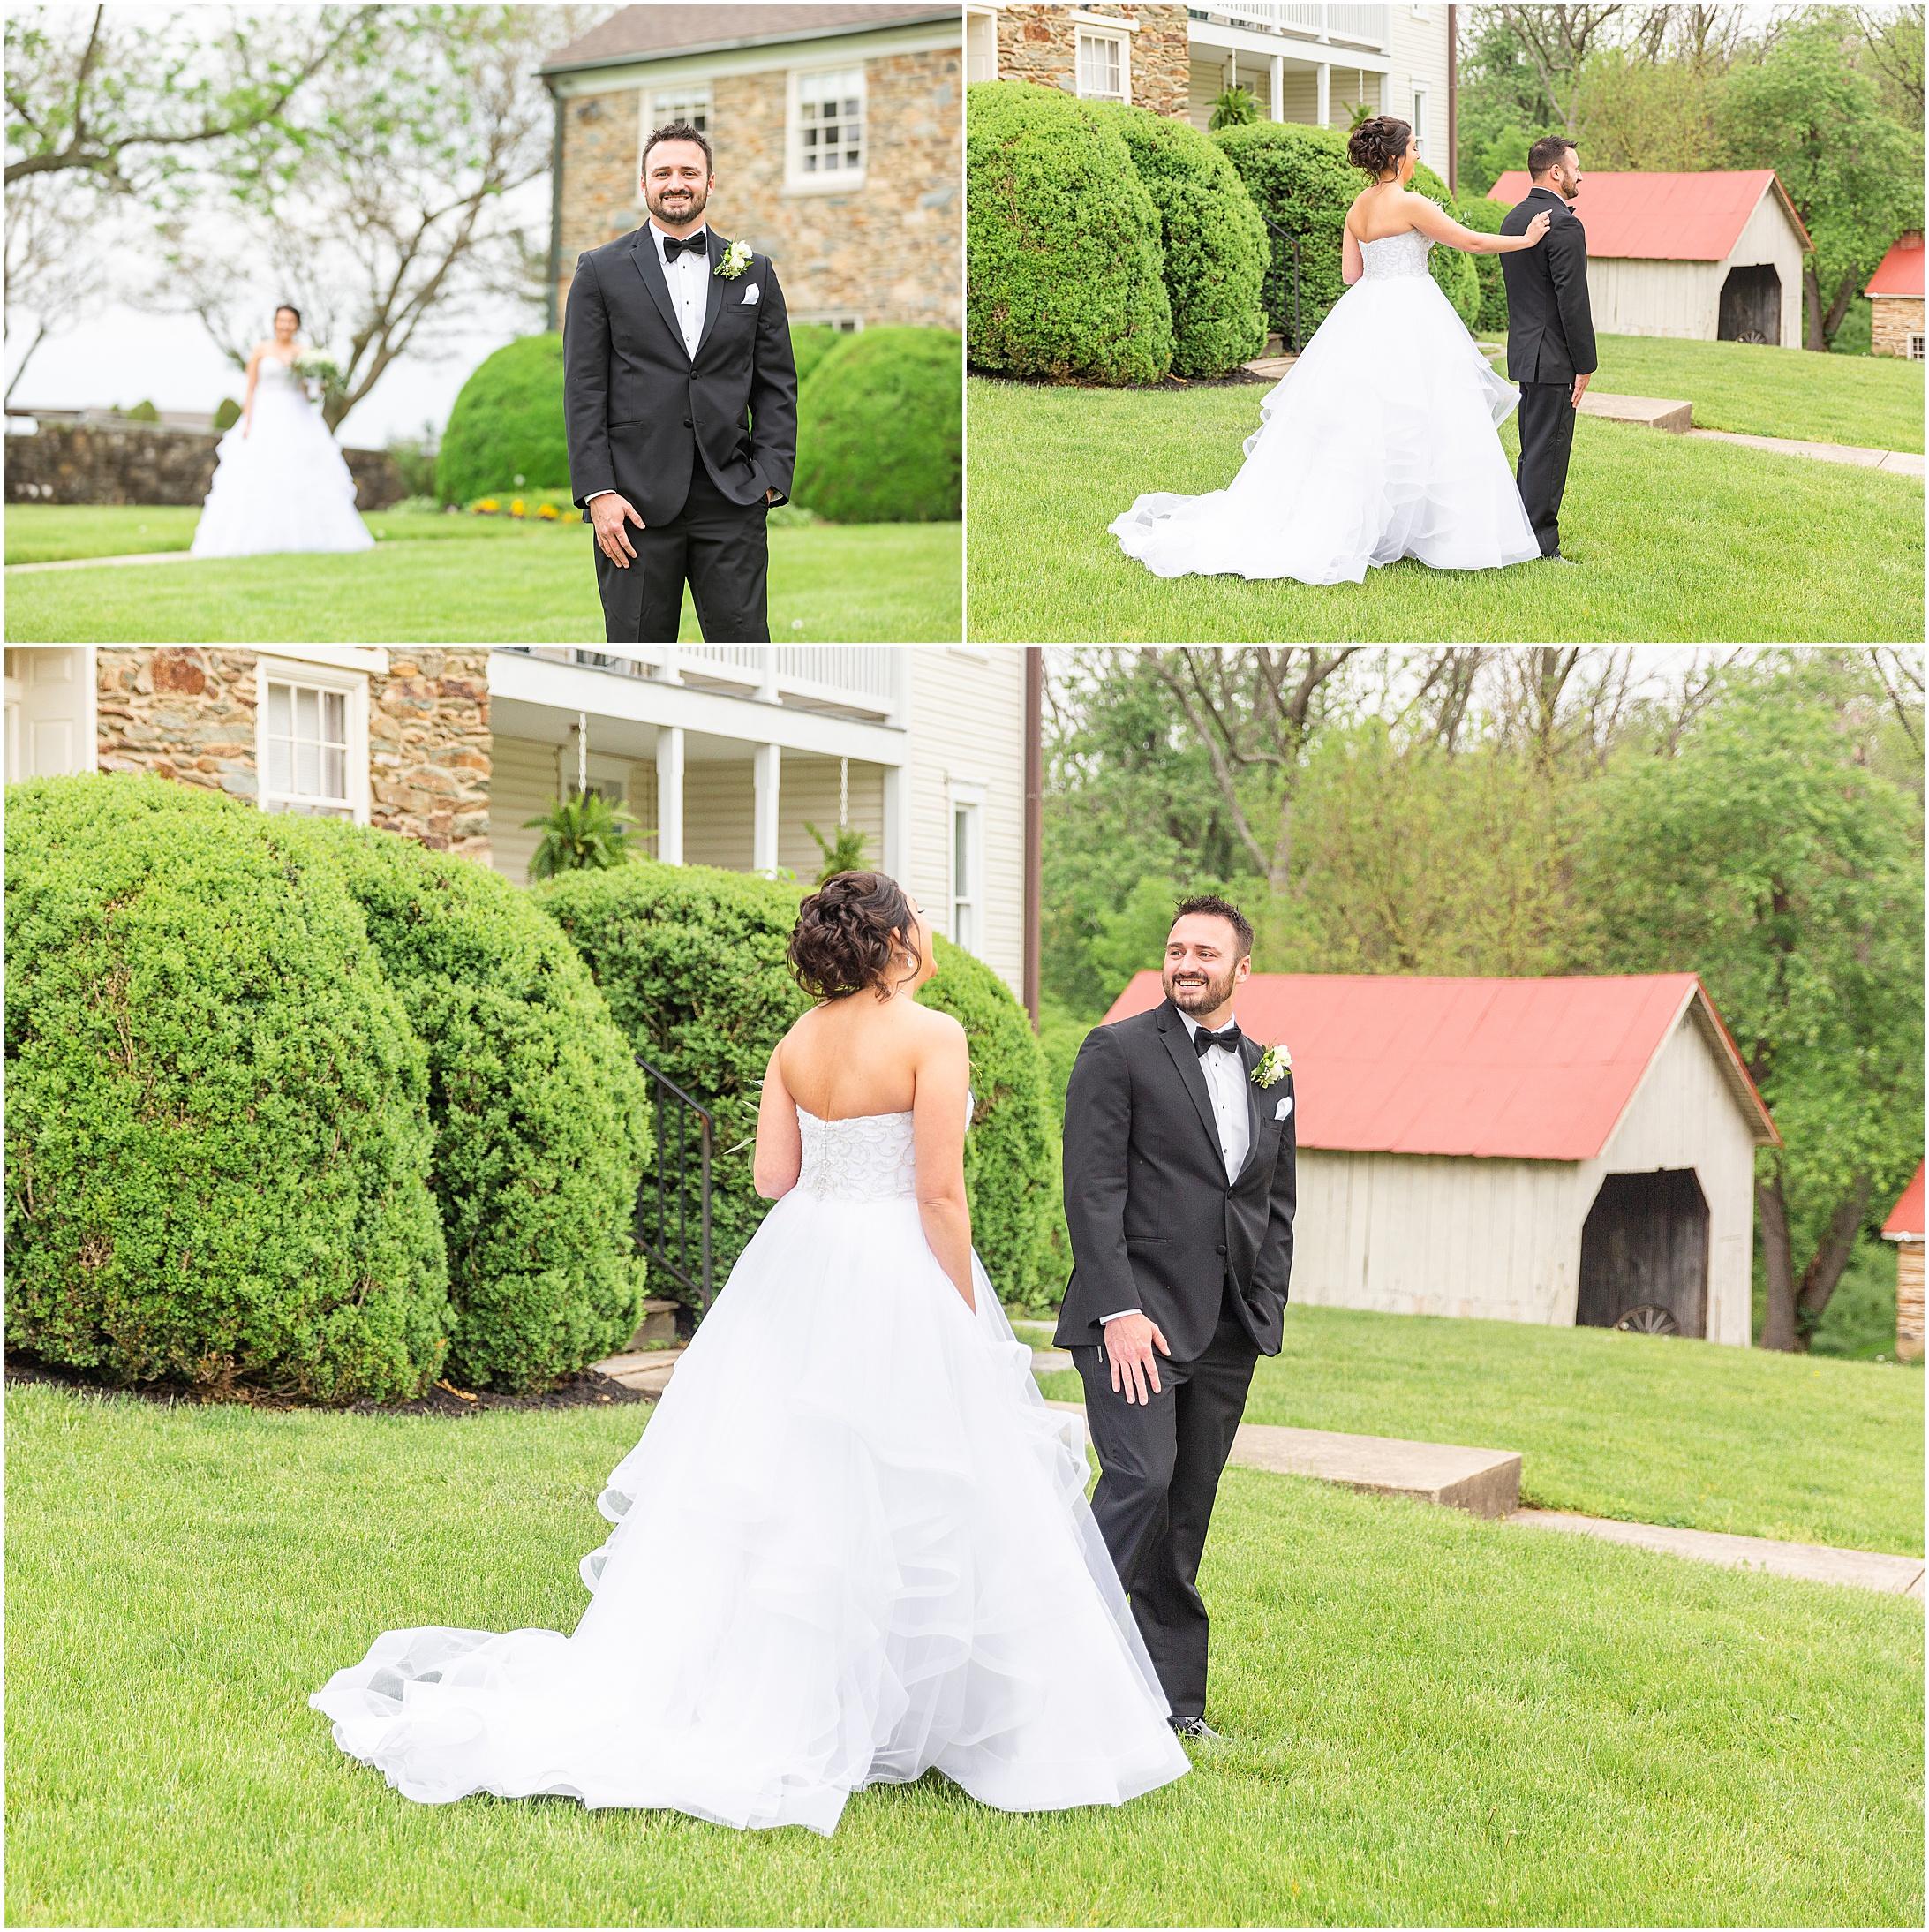 Stone-manor-country-club-wedding-photos-113.jpg